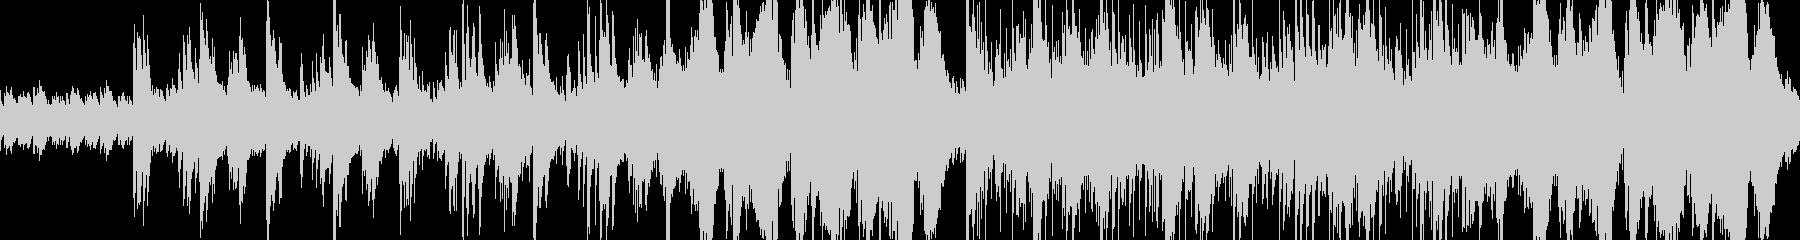 【ループ】アコギ&ピアノの爽やかなBGMの未再生の波形